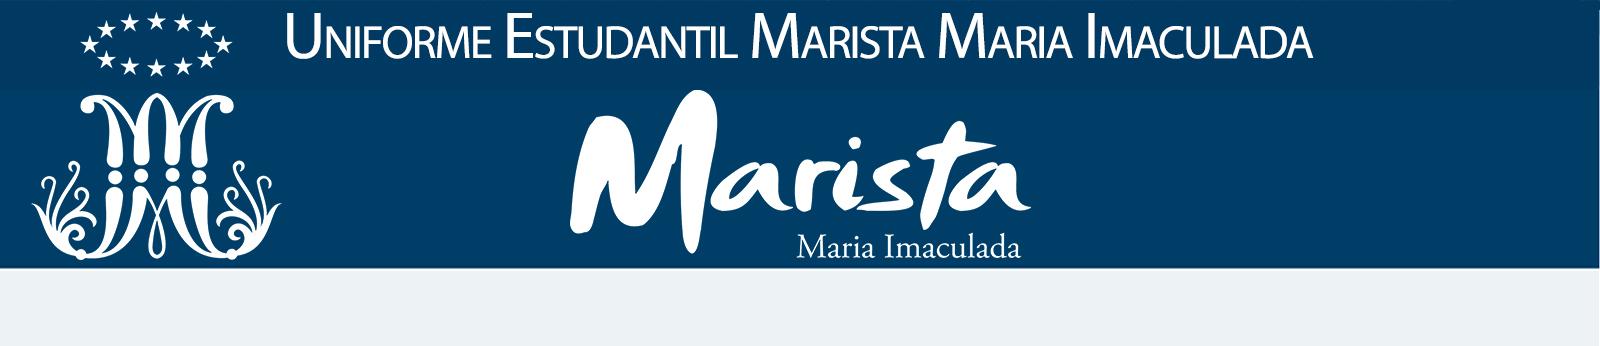 Link para Marista